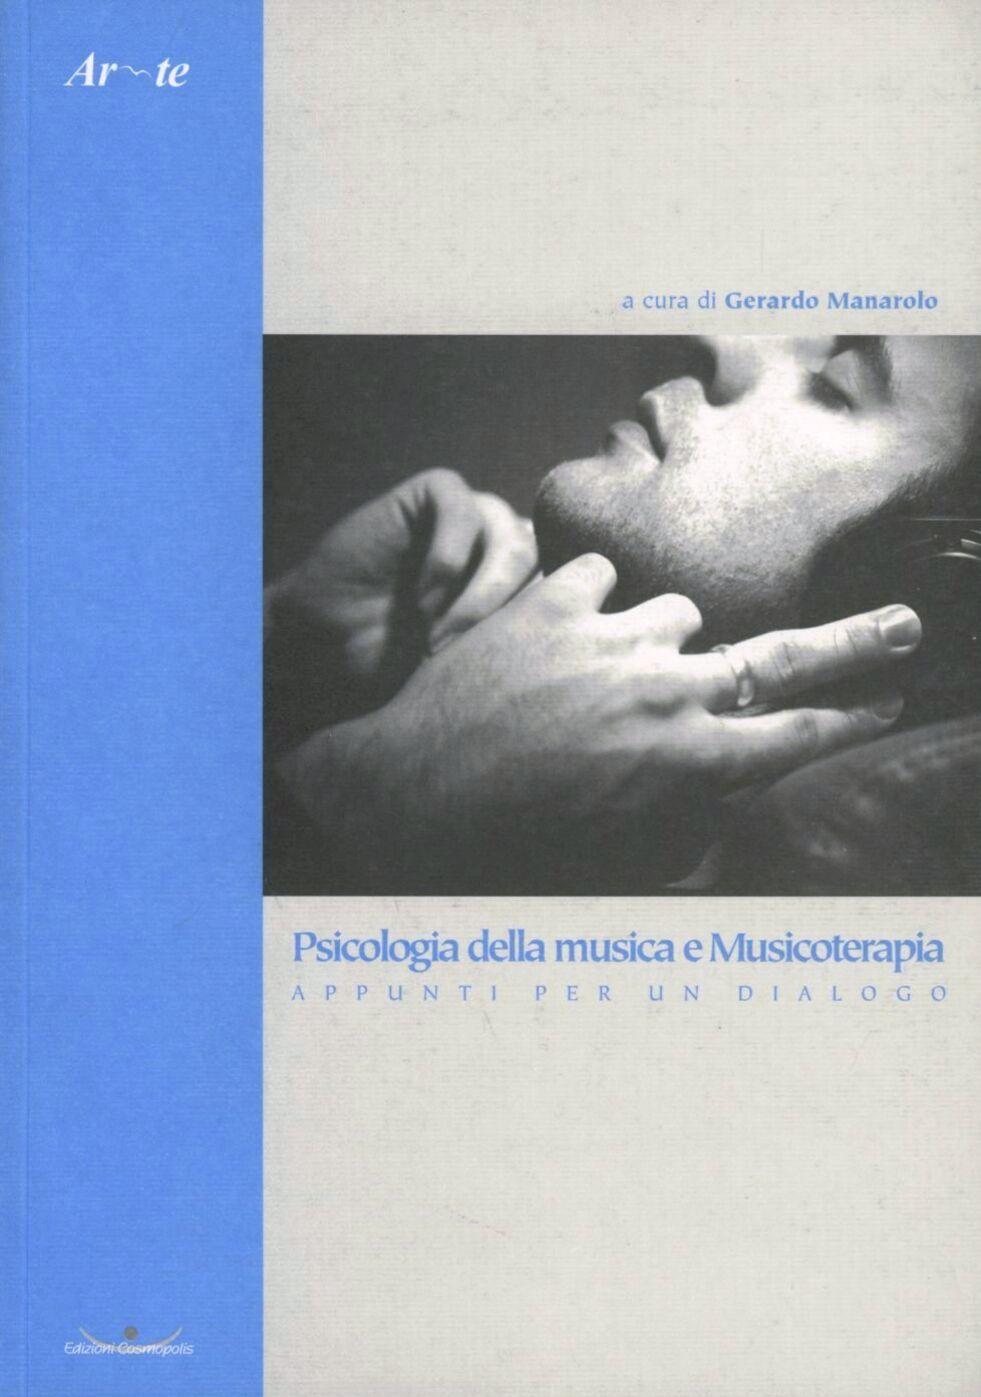 Psicologia della musica e musicoterapia. Appunti per un dialogo